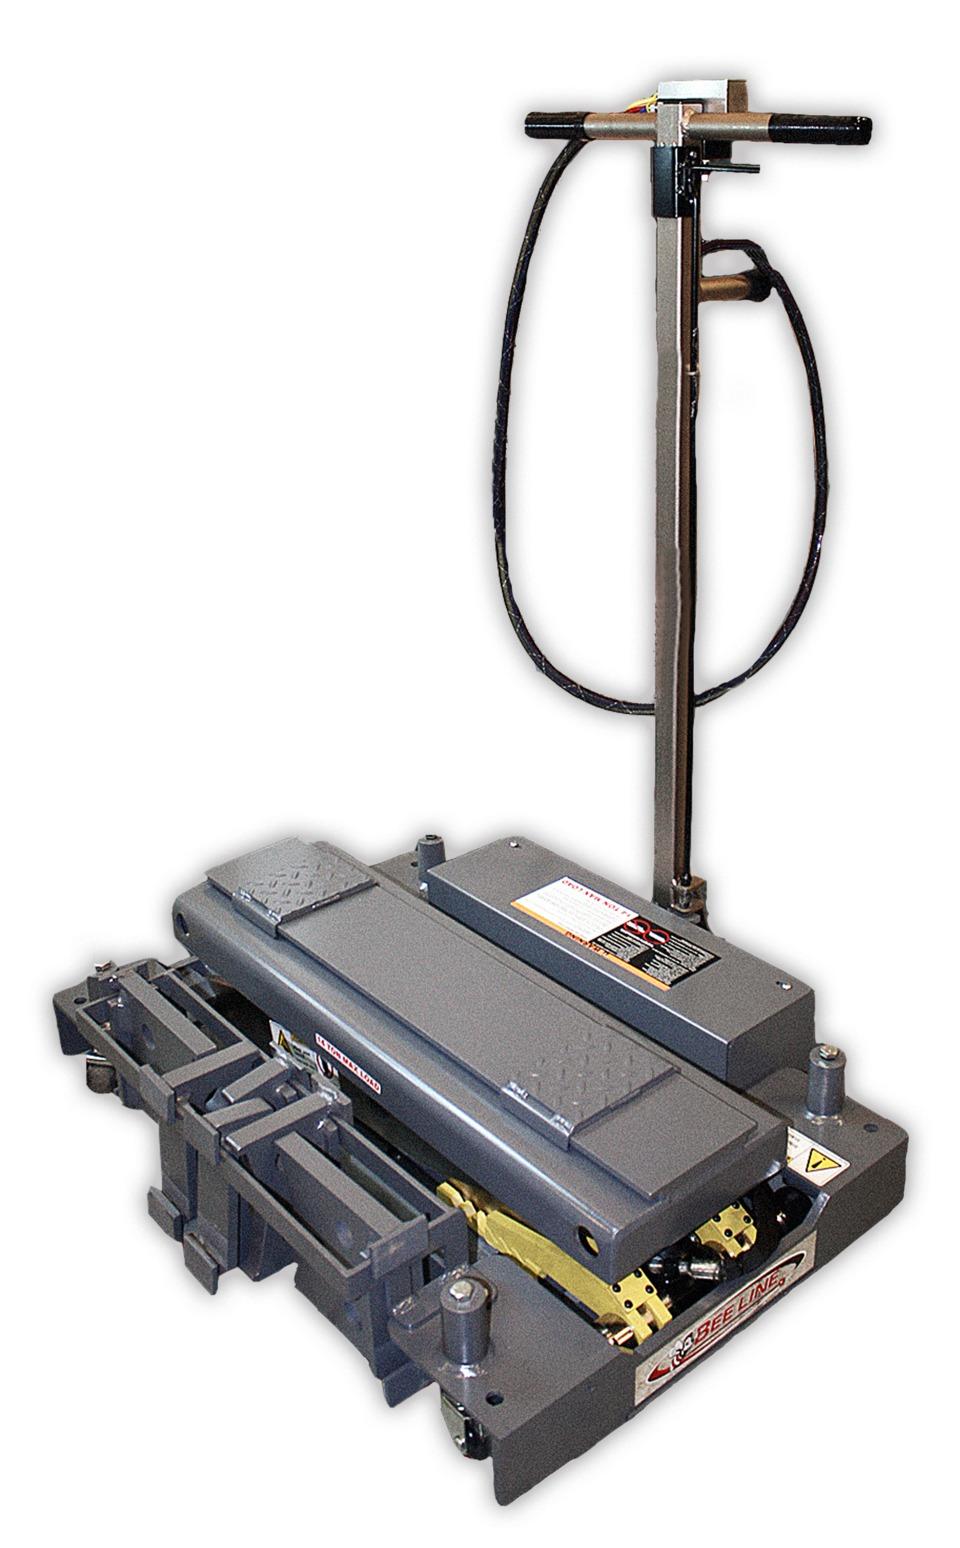 pin service hd hydraulic floor ton truck lifting repair tool jacks air jack lift